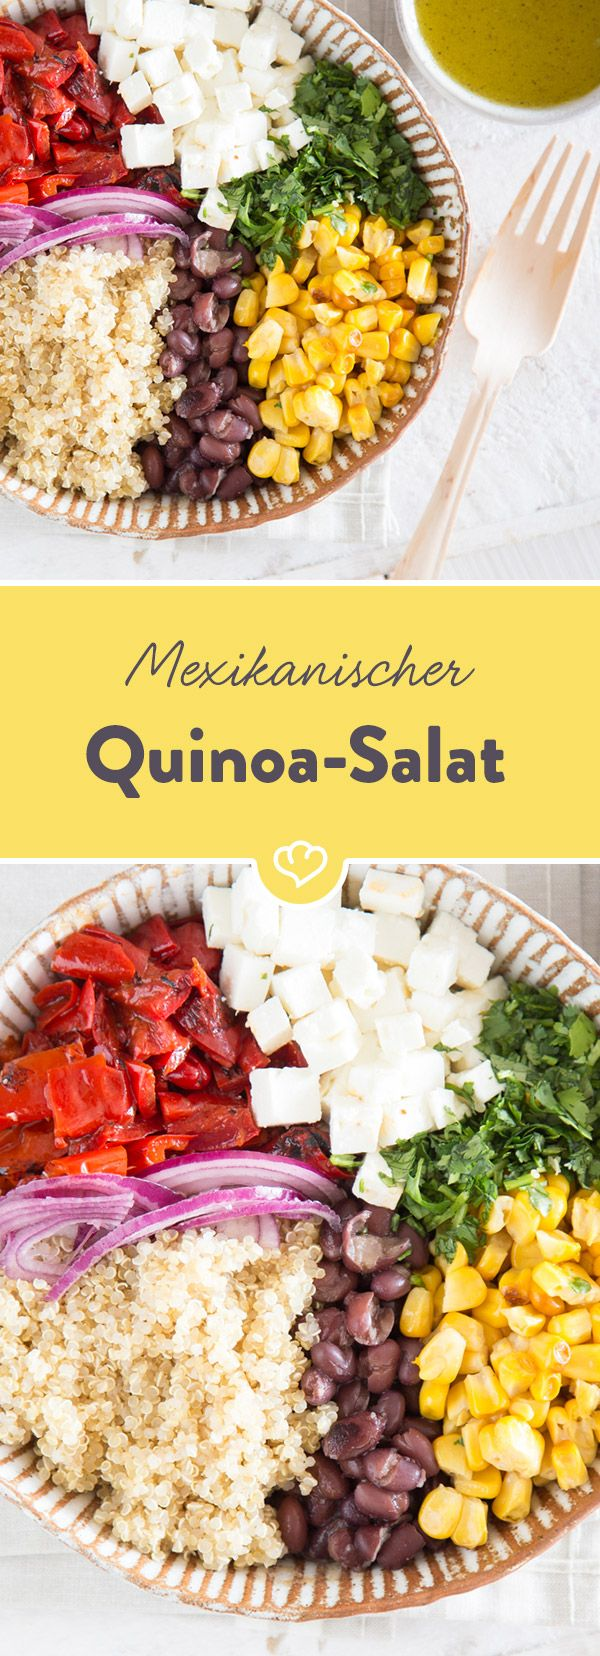 Photo of Viva la mexico! Quinoa salad with grilled corn